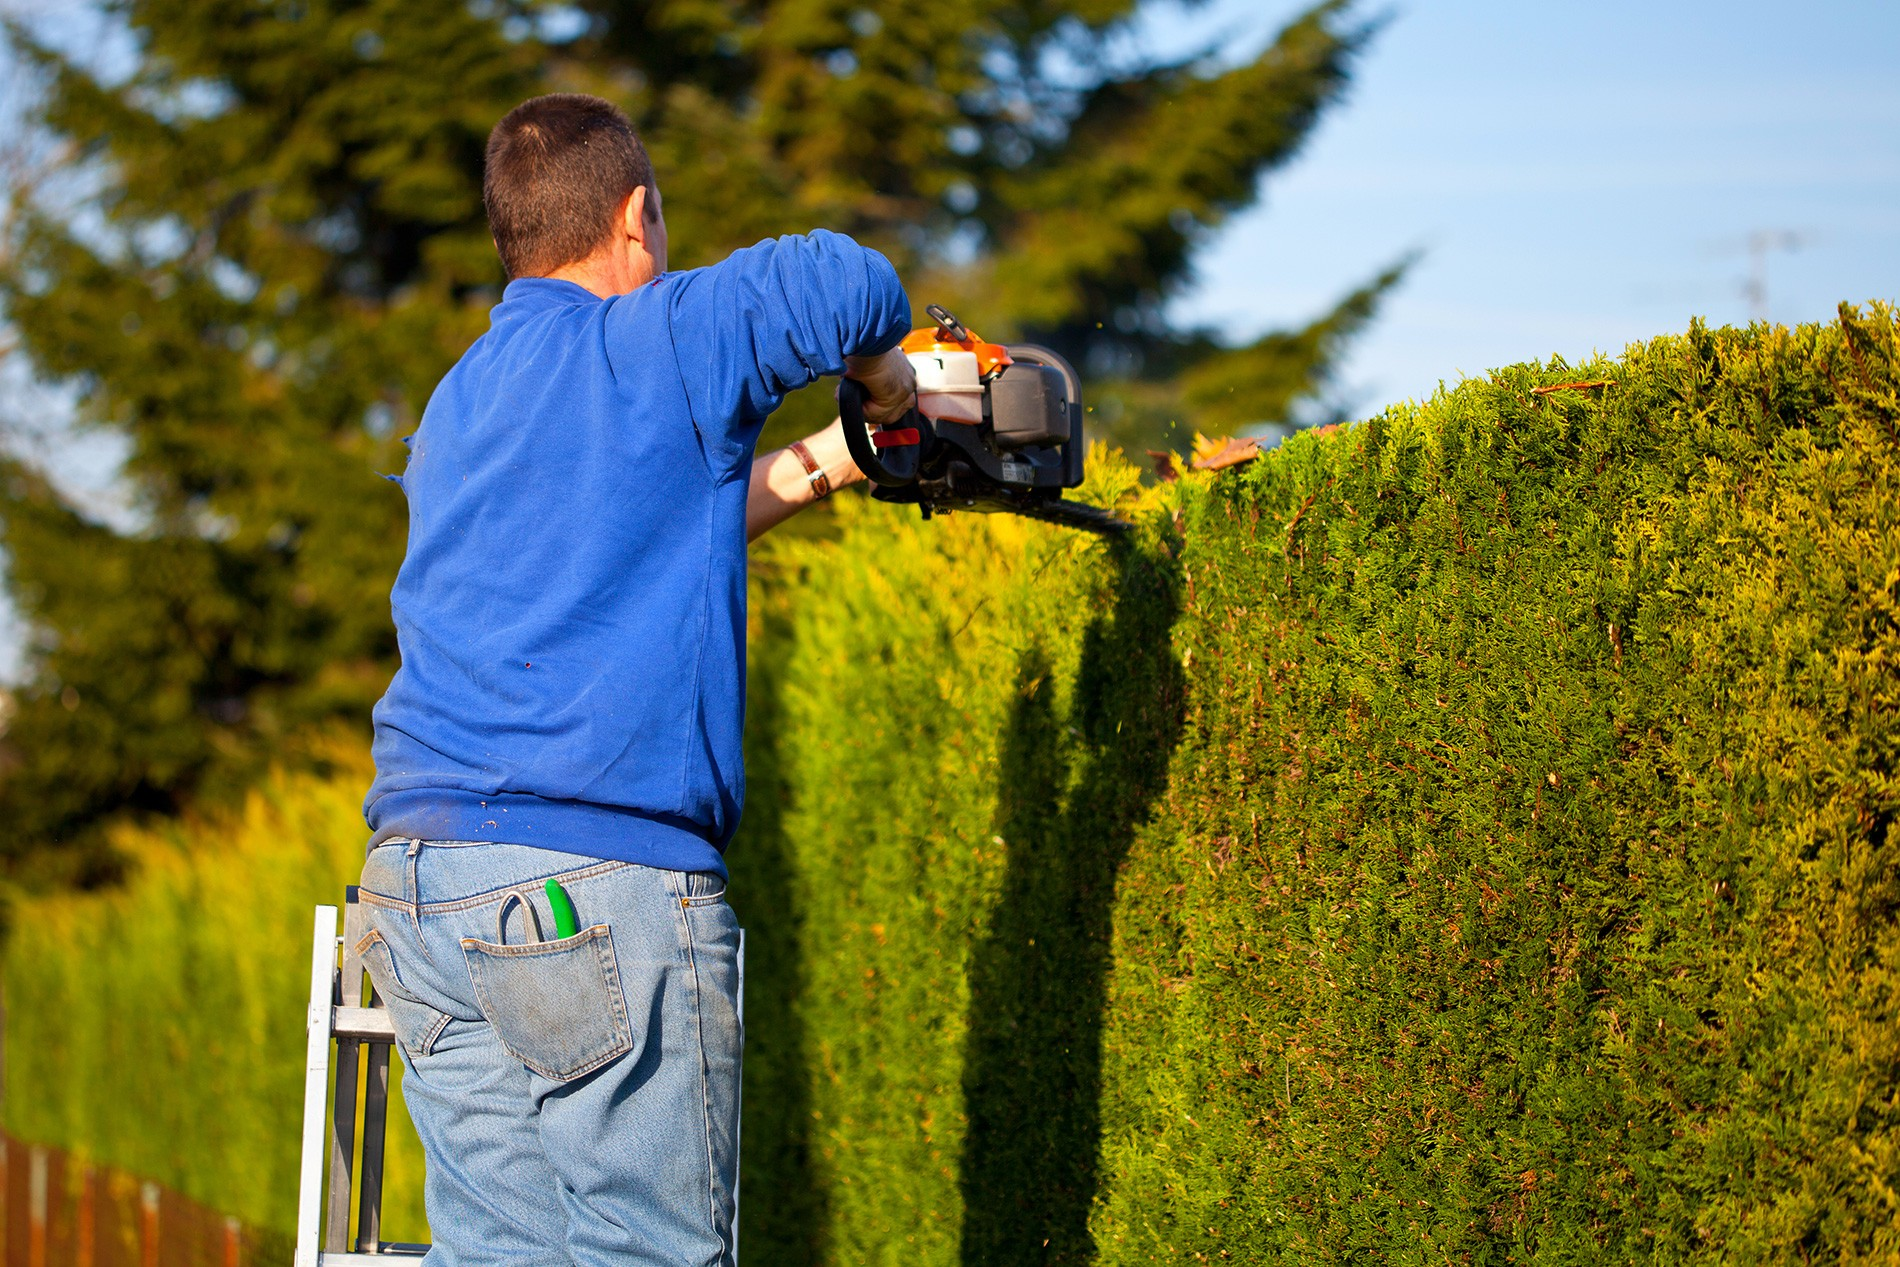 Trouver Un Jardinier A Domicile engager un jardinier professionnel › trouve un service